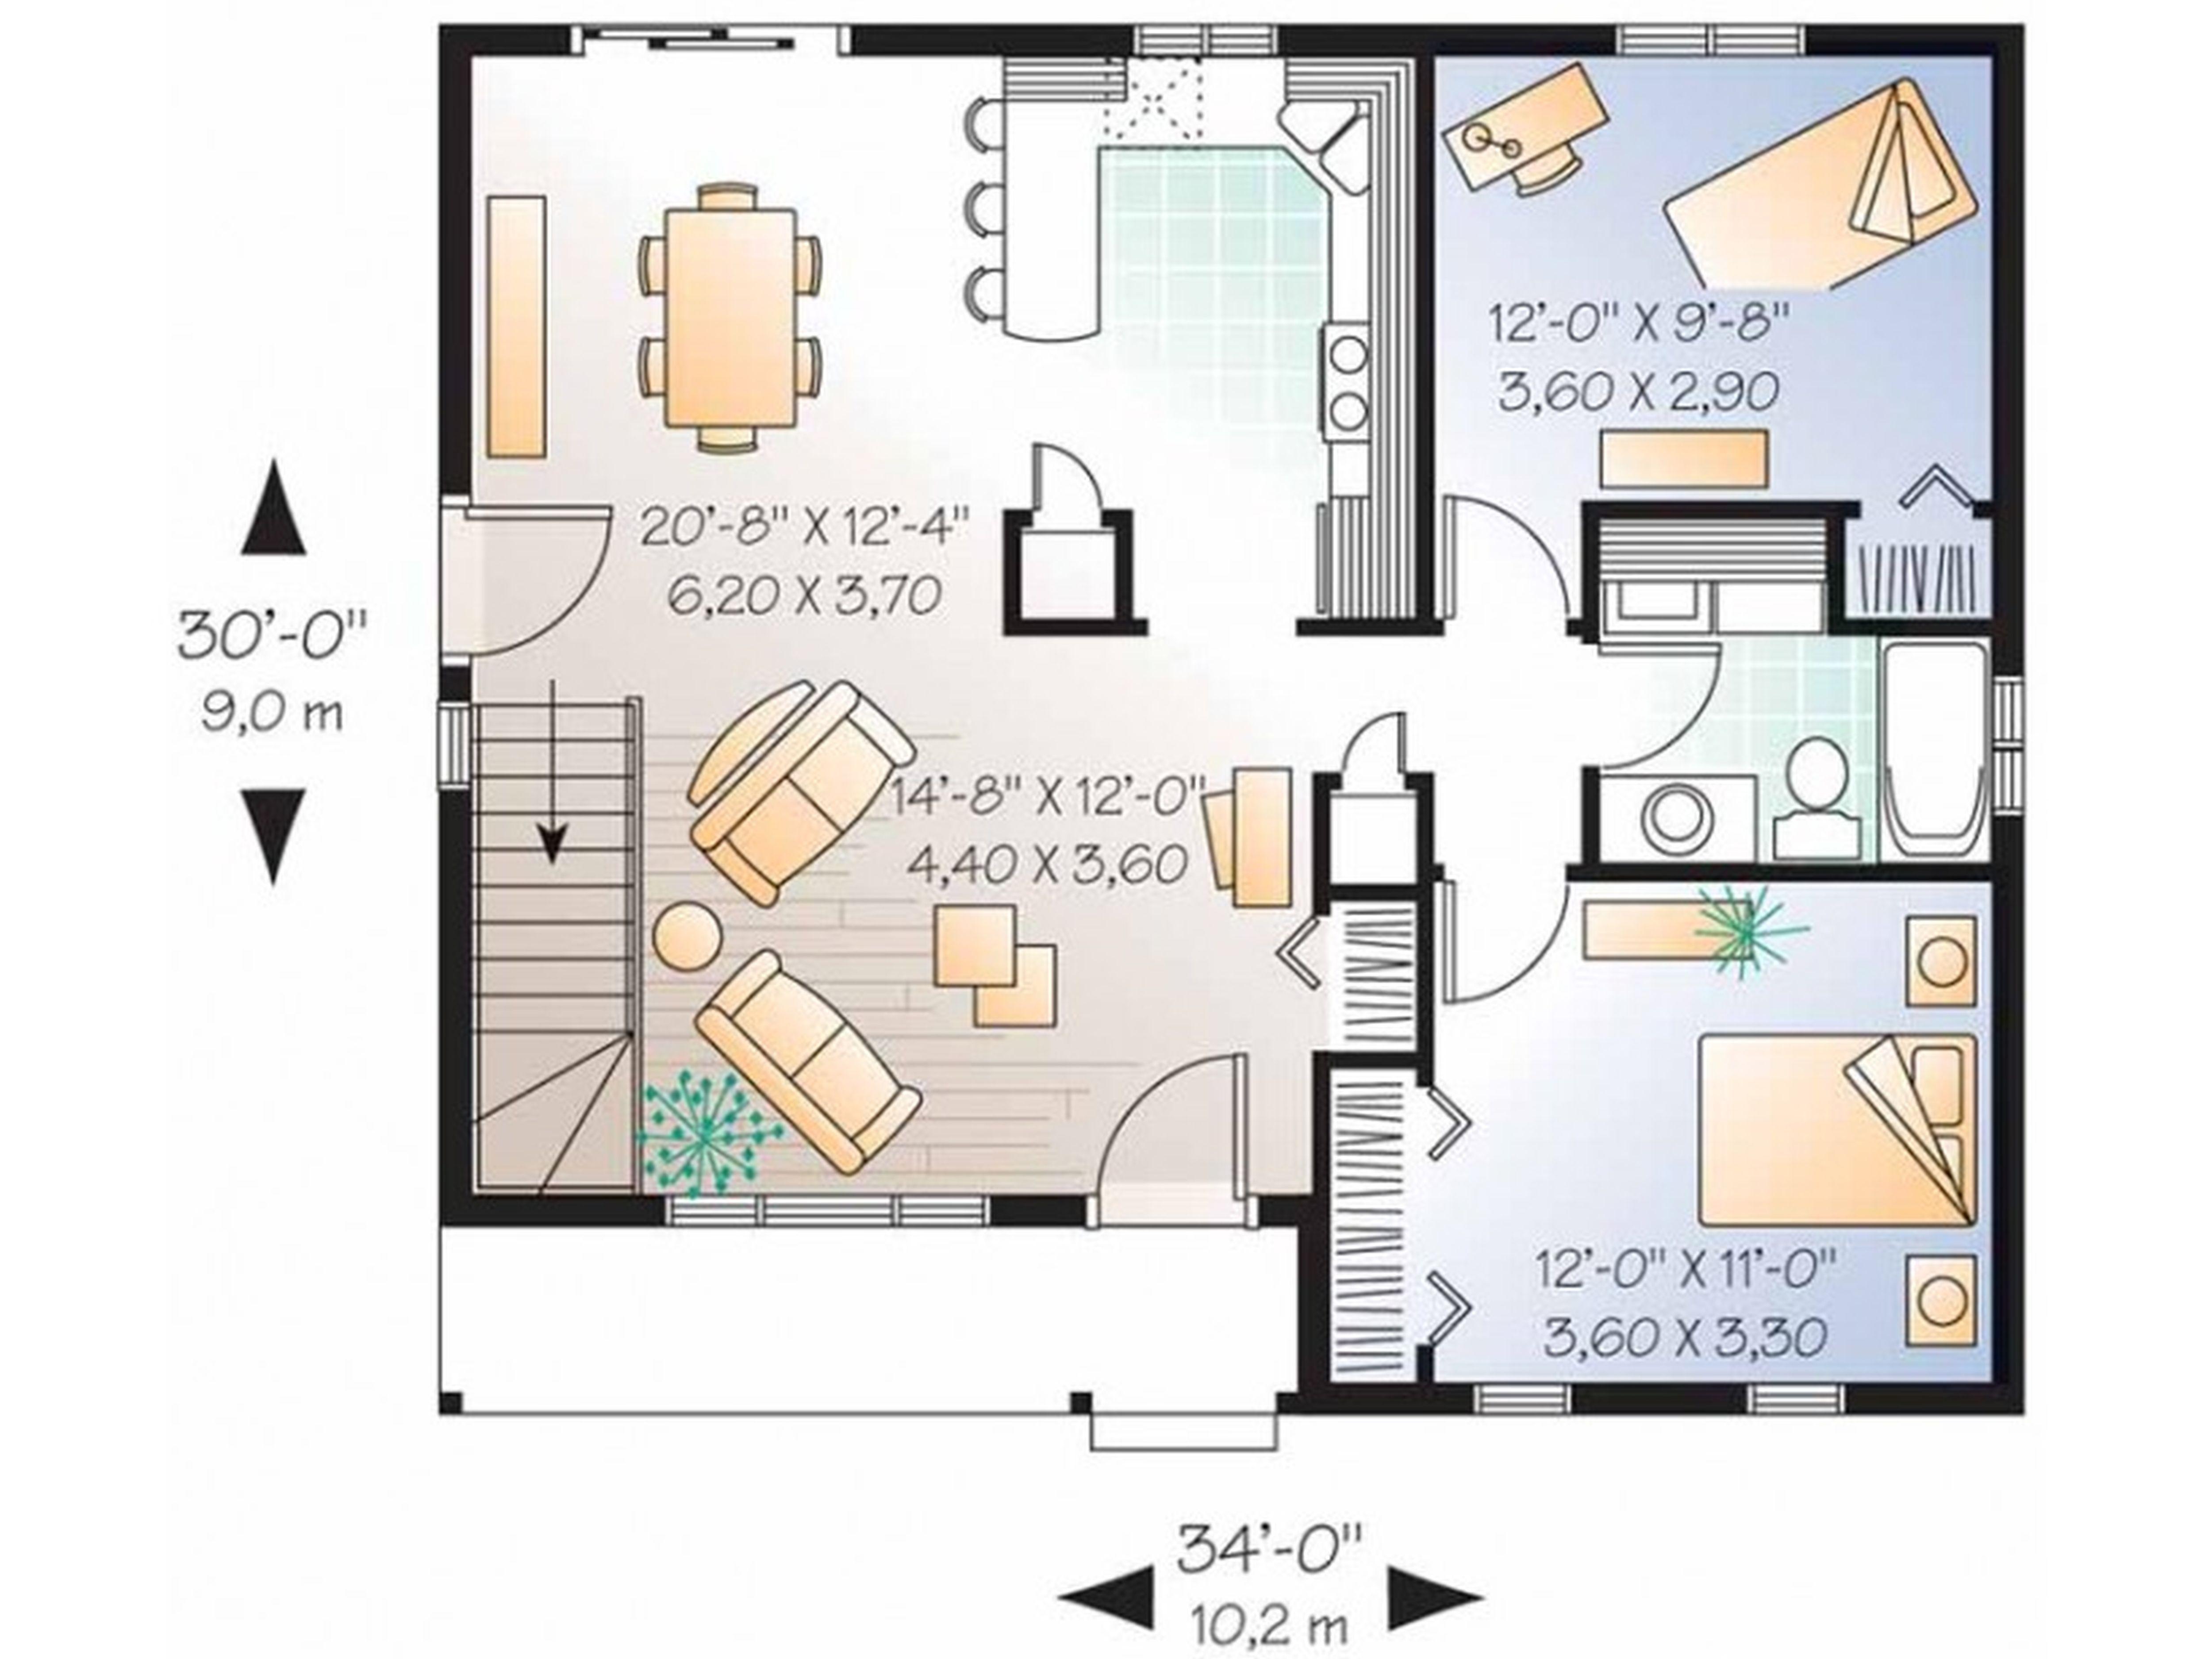 17 best images about house plans on    garage  floor. House Floor Plan Designer Pictures   Agemslife com